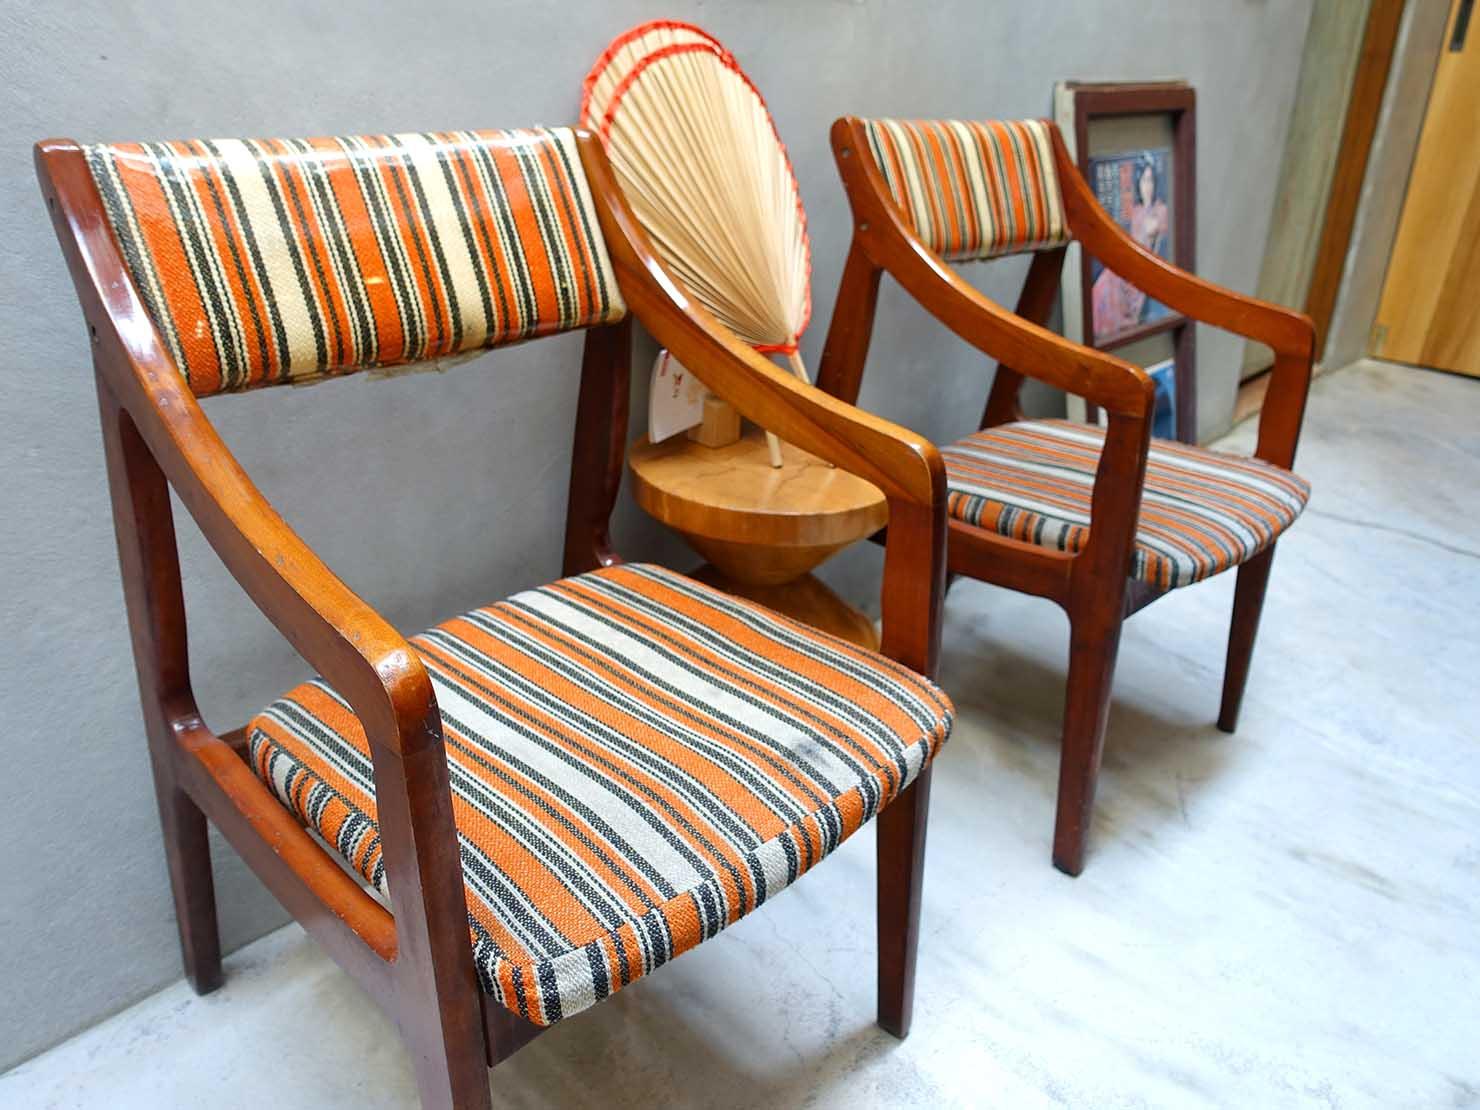 台南のおすすめ古民家ゲストハウス「永福97.1」1Fパブリックスペースの椅子